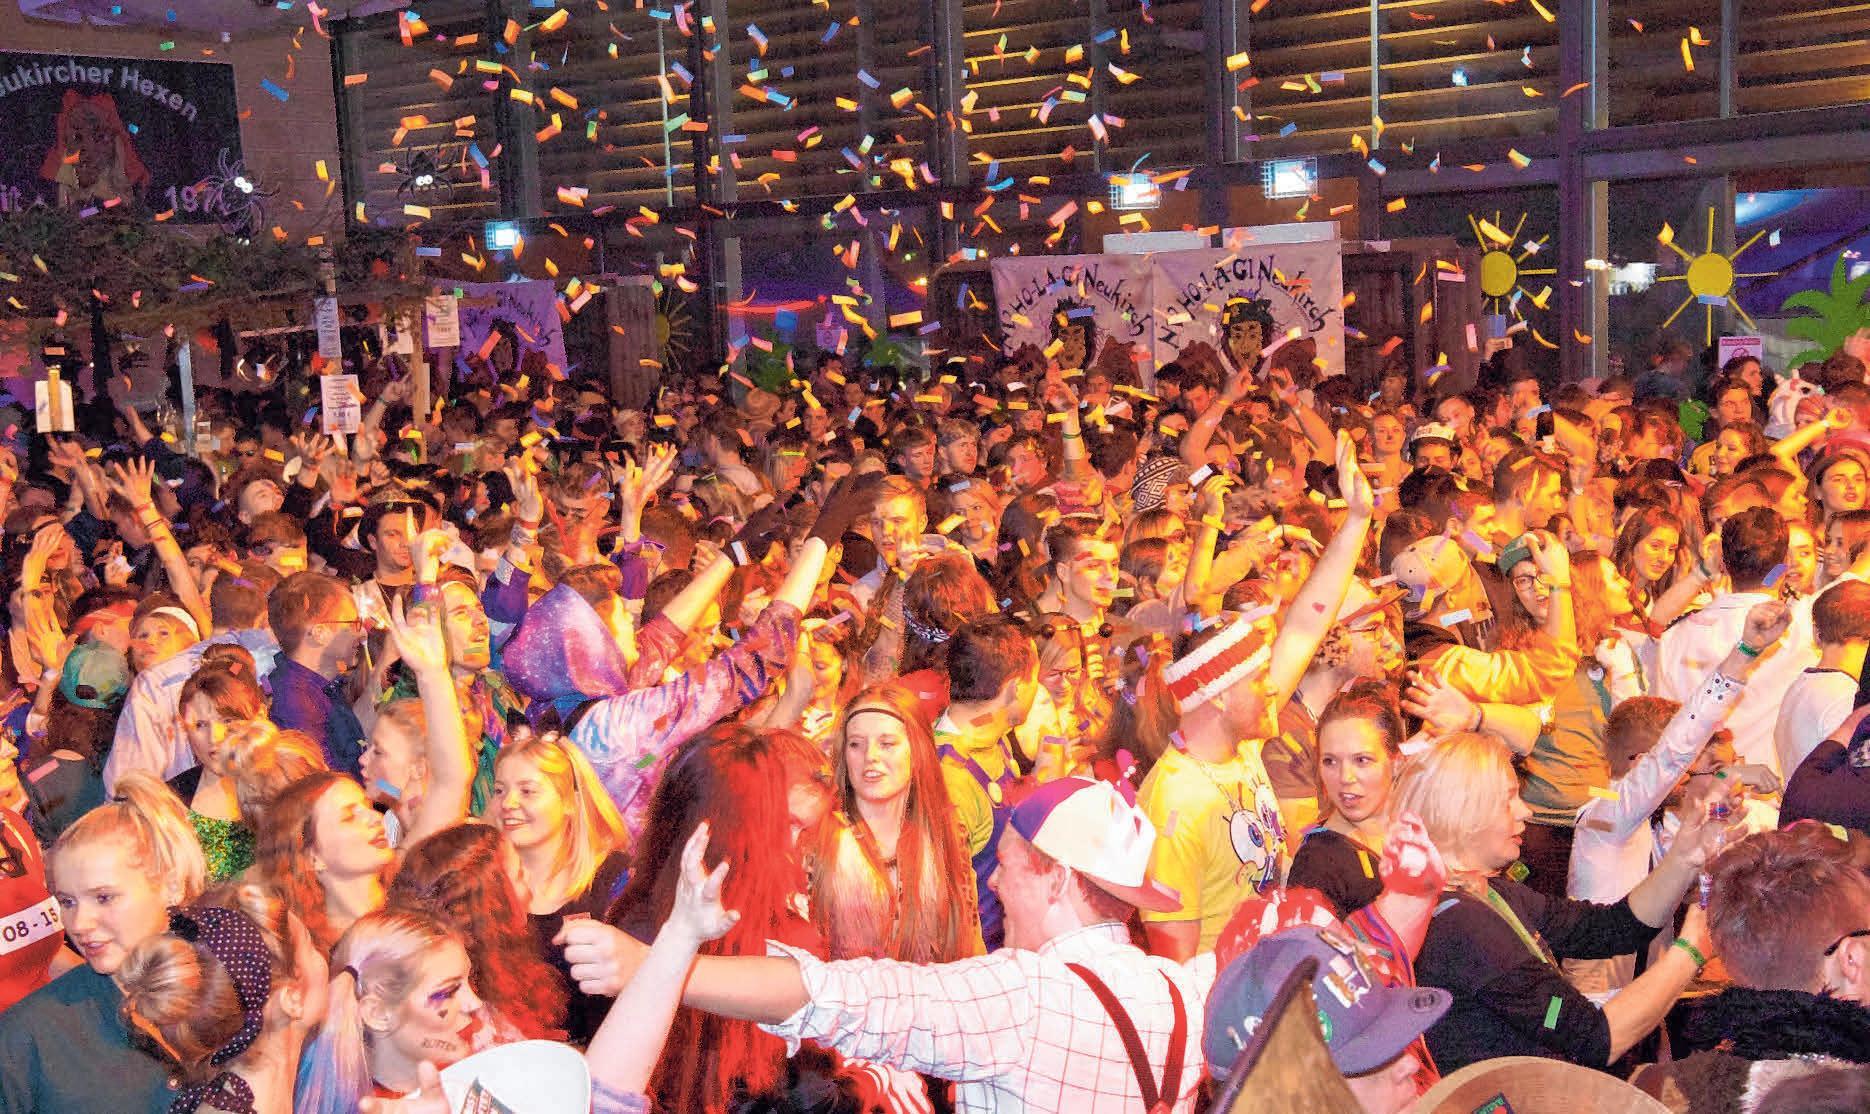 Bei Live-Acts und DJ-Musik herrscht mächtig Stimmung. FOTO: OEJ